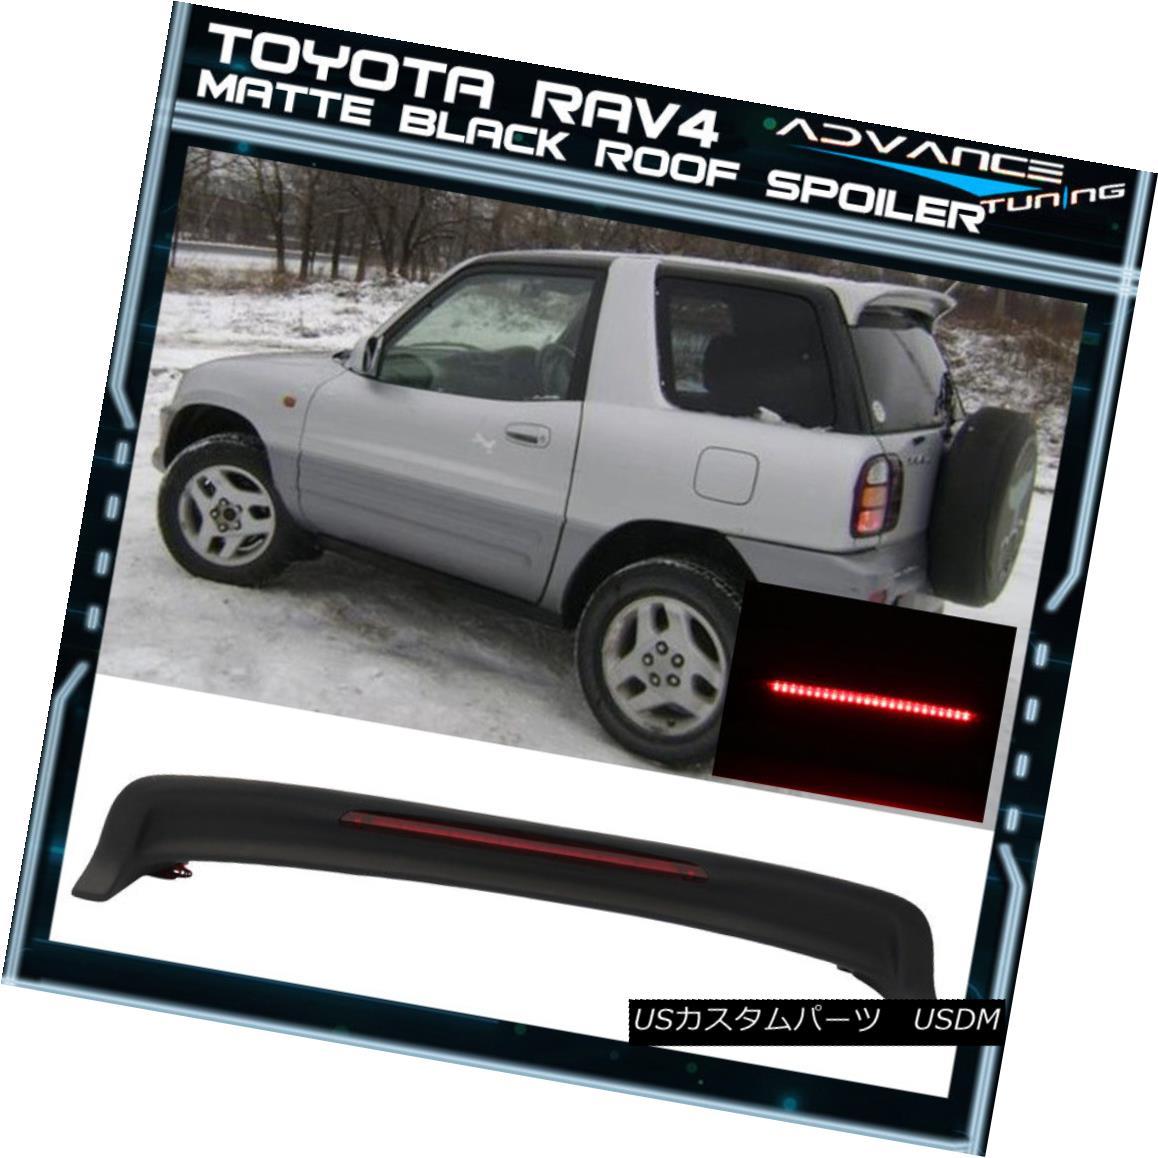 エアロパーツ Matte Black! Fits 94-00 Toyota RAV4 XA10 OE Style Roof Spoiler ABS LED Light マットブラック! フィット94-00トヨタRAV4 XA10 OEスタイルルーフスポイラーABS LEDライト